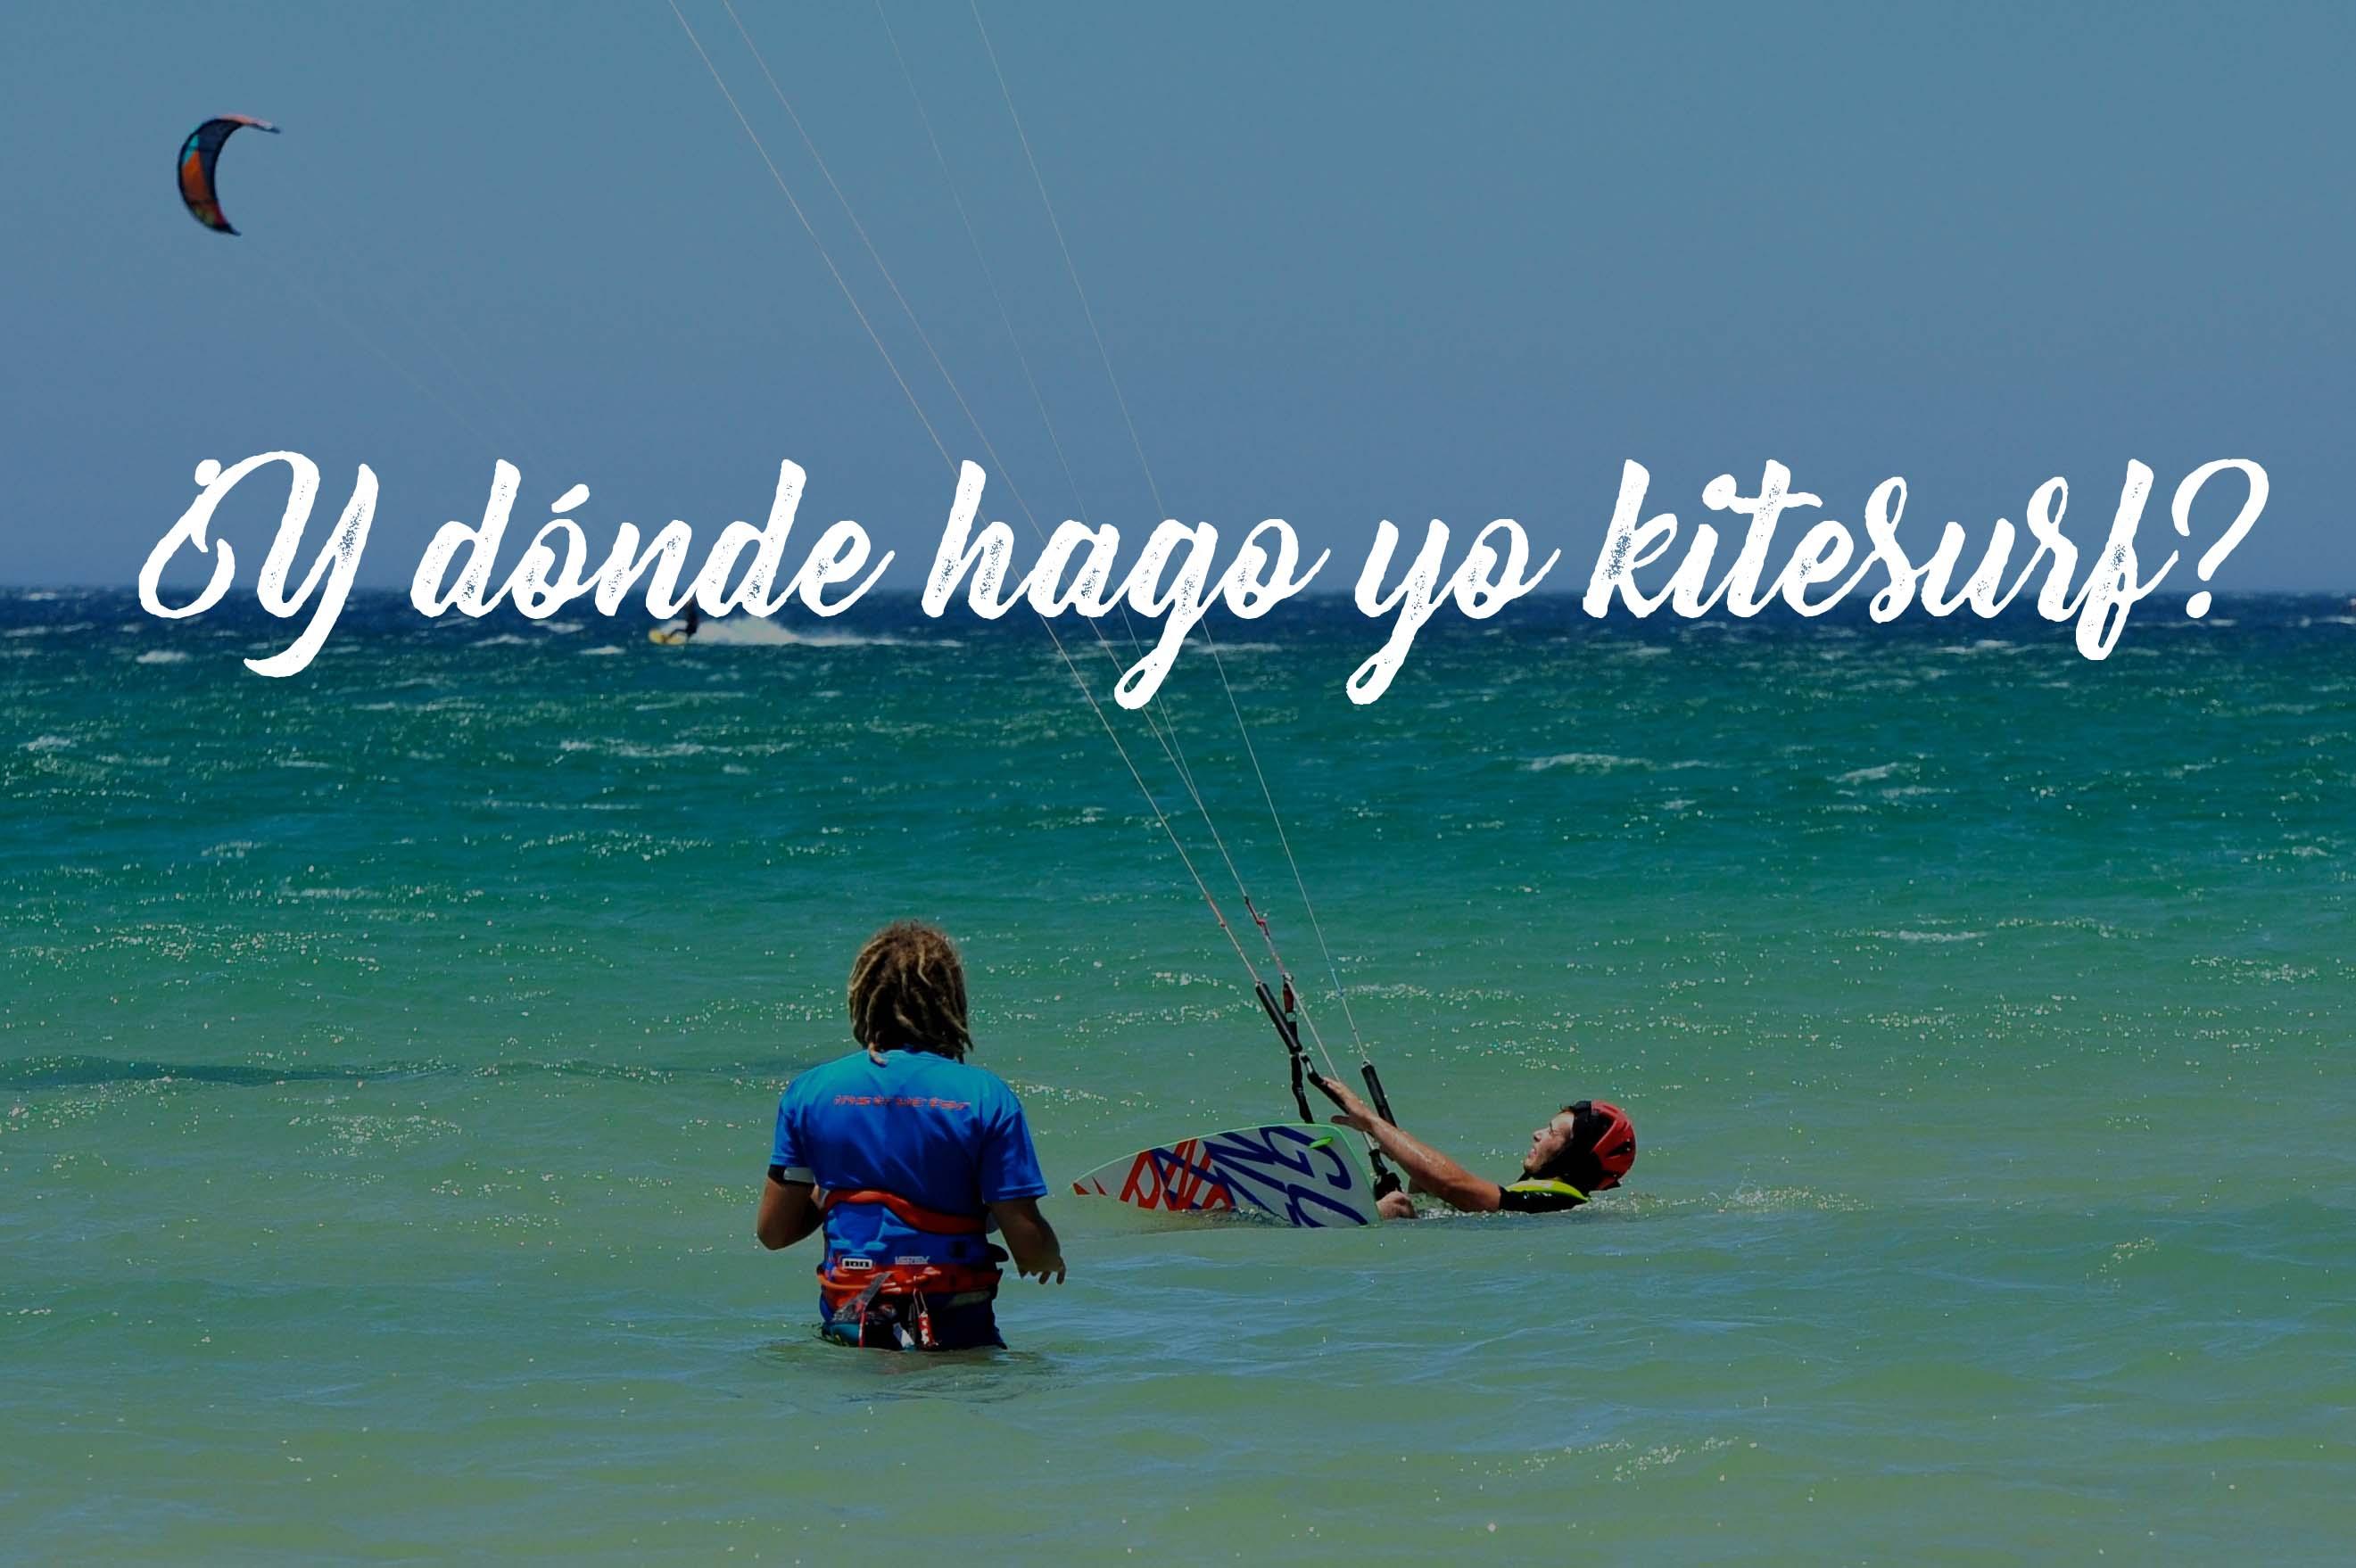 donde hago kitesurf